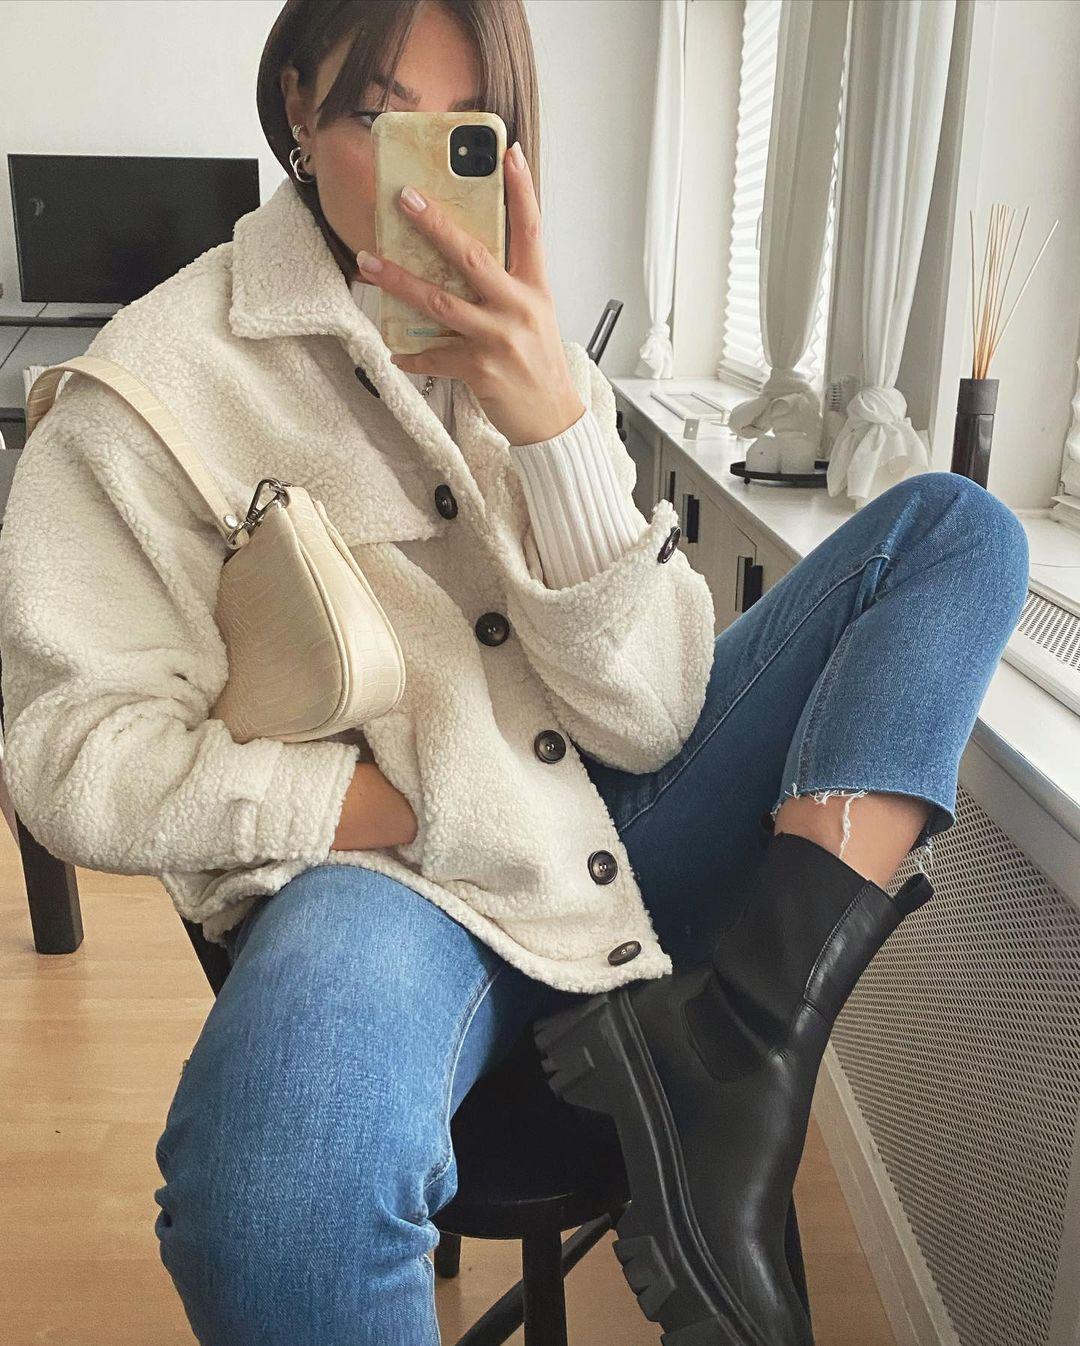 jeans momfit croped de Les Bourgeoises sur lesbourgeoisesofficiel